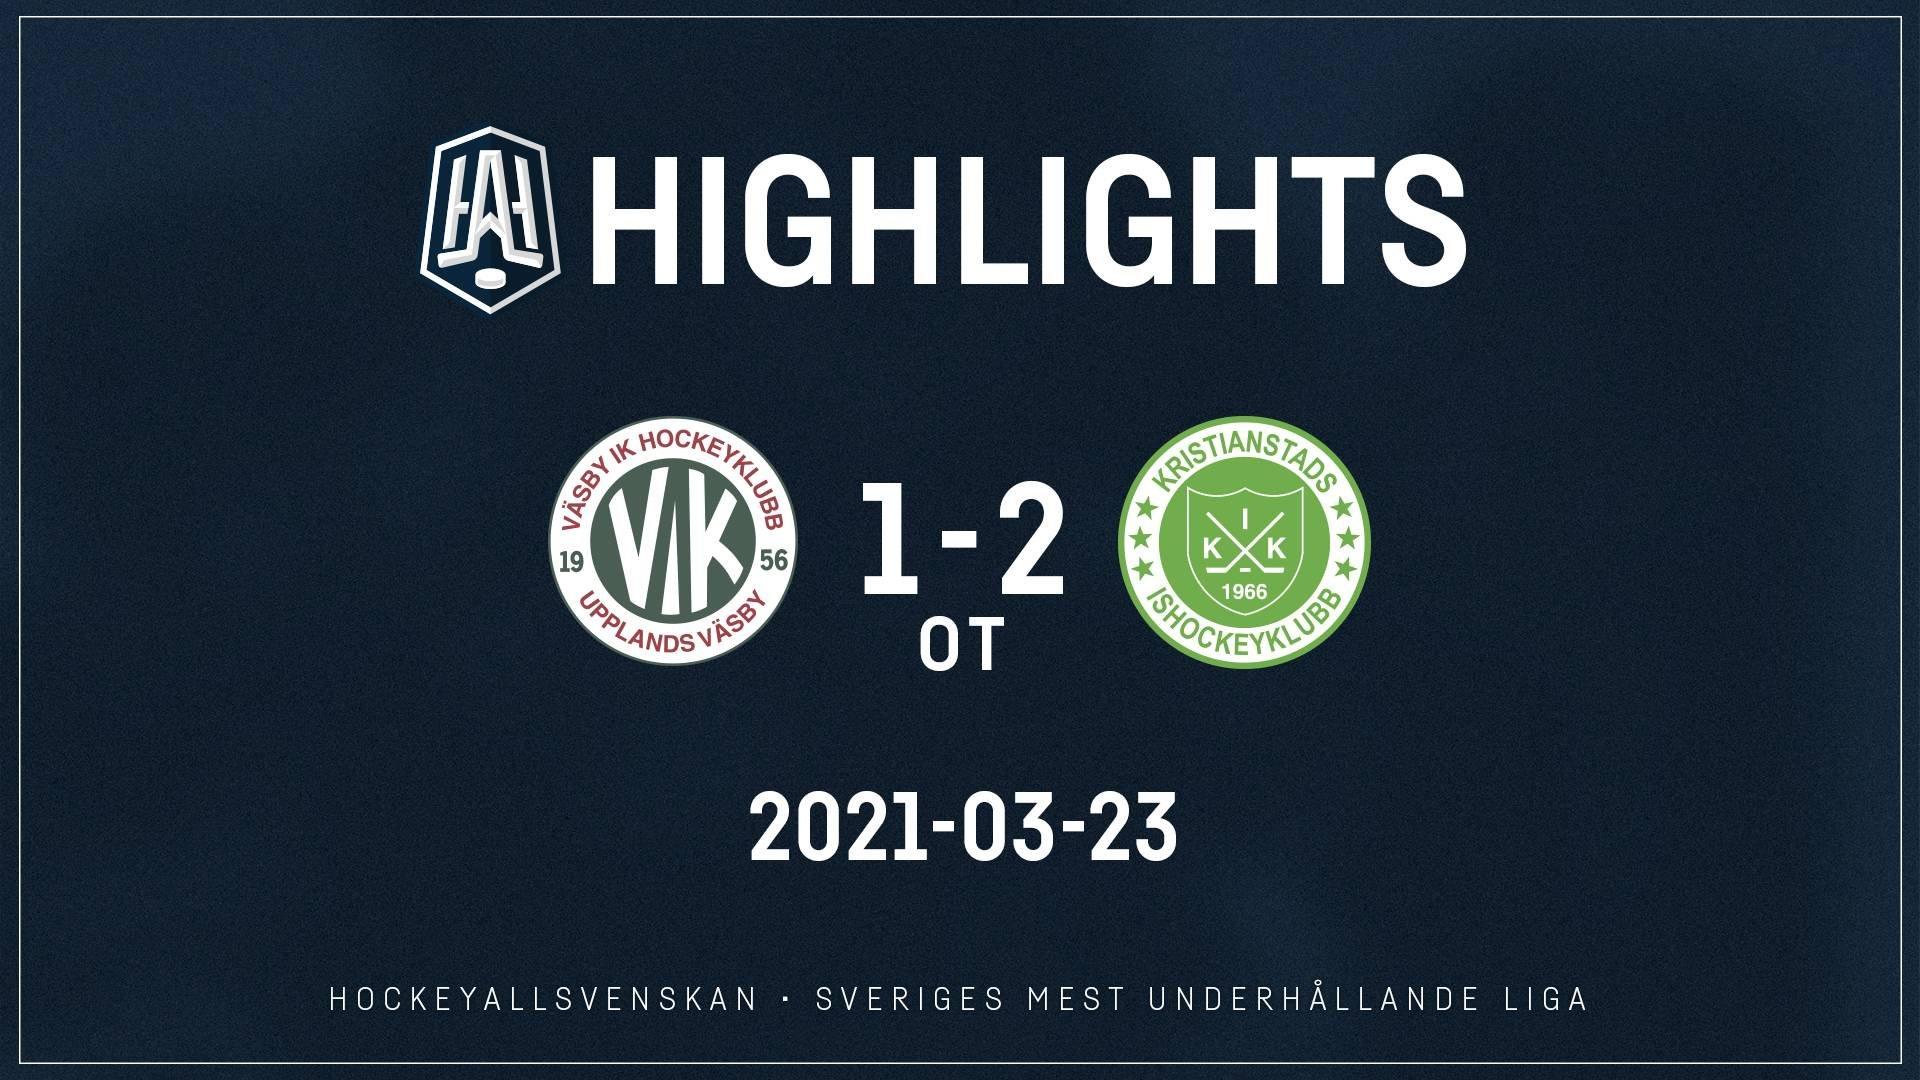 2021-03-23 Väsby - Kristianstad 1-2 (OT)